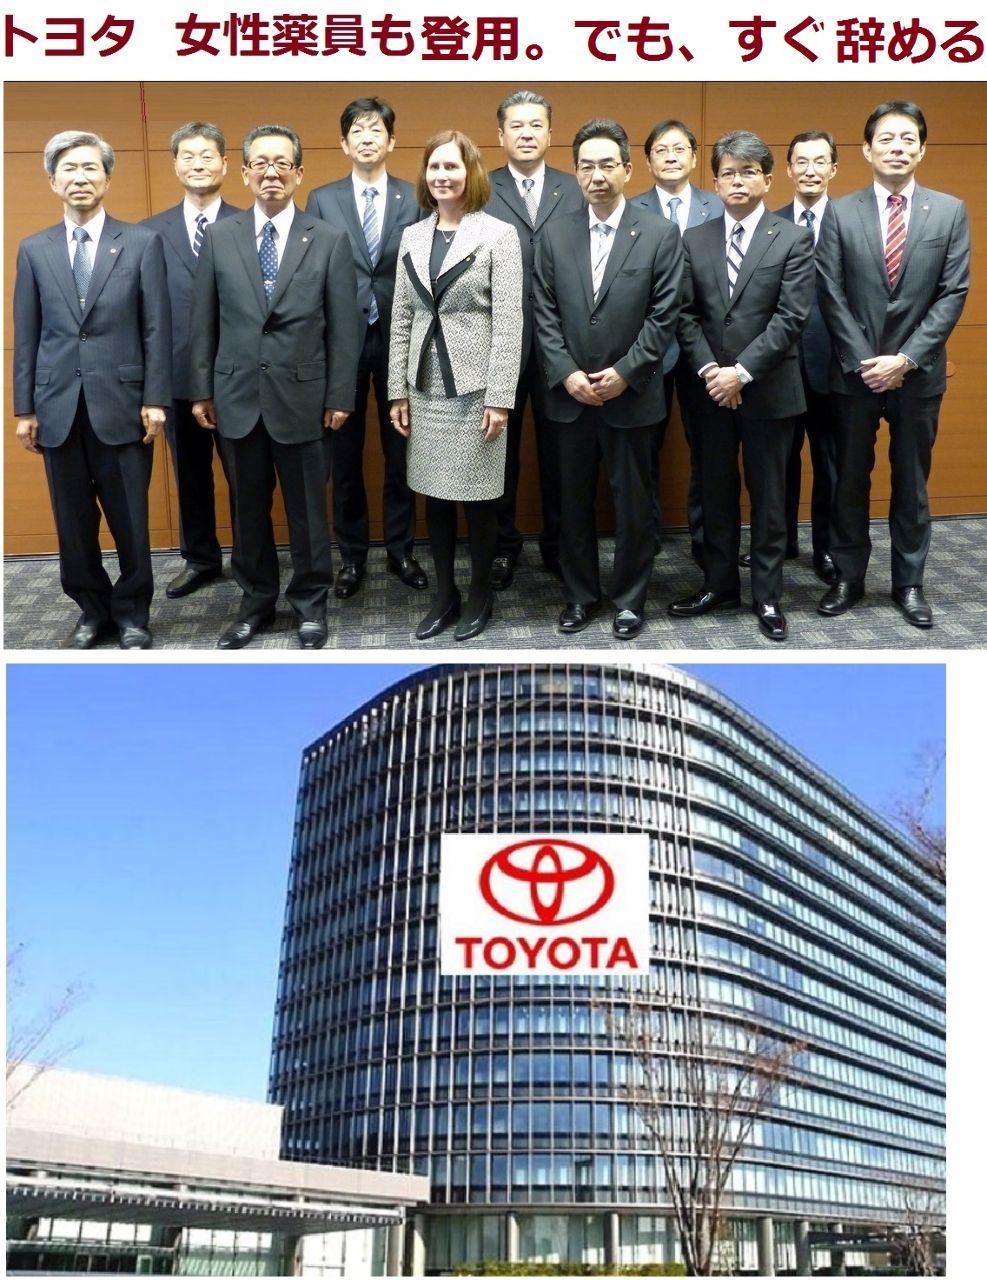 7203 - トヨタ自動車(株) 今頃、豊章男さんが連れて来た、 あの、女性薬員は、どうなったんだろうか。。。